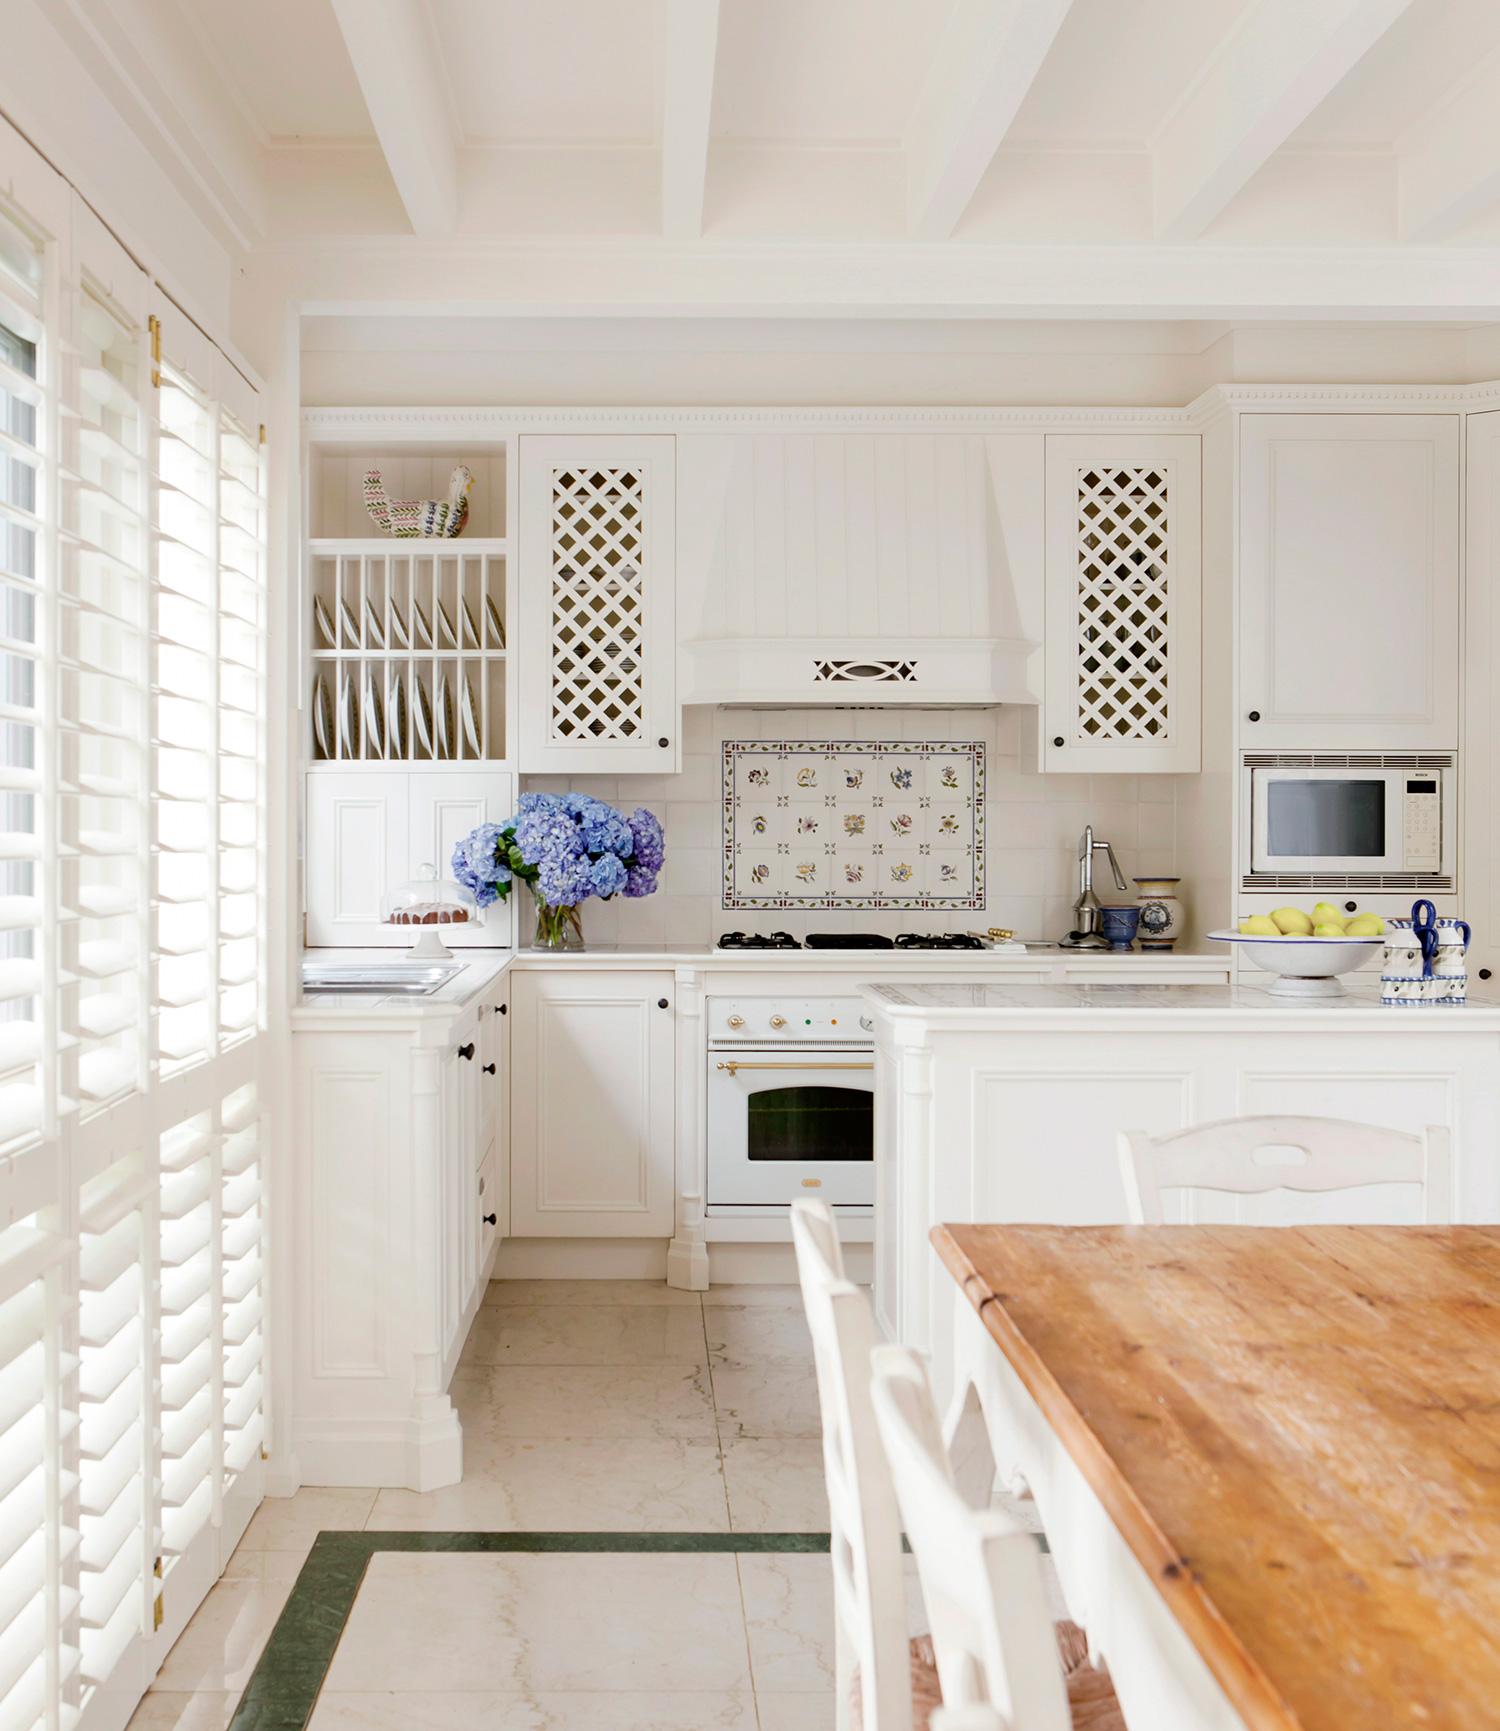 Interni Case Stile Inglese : Interno di una casa inglese vecchia casa colonica volte interno